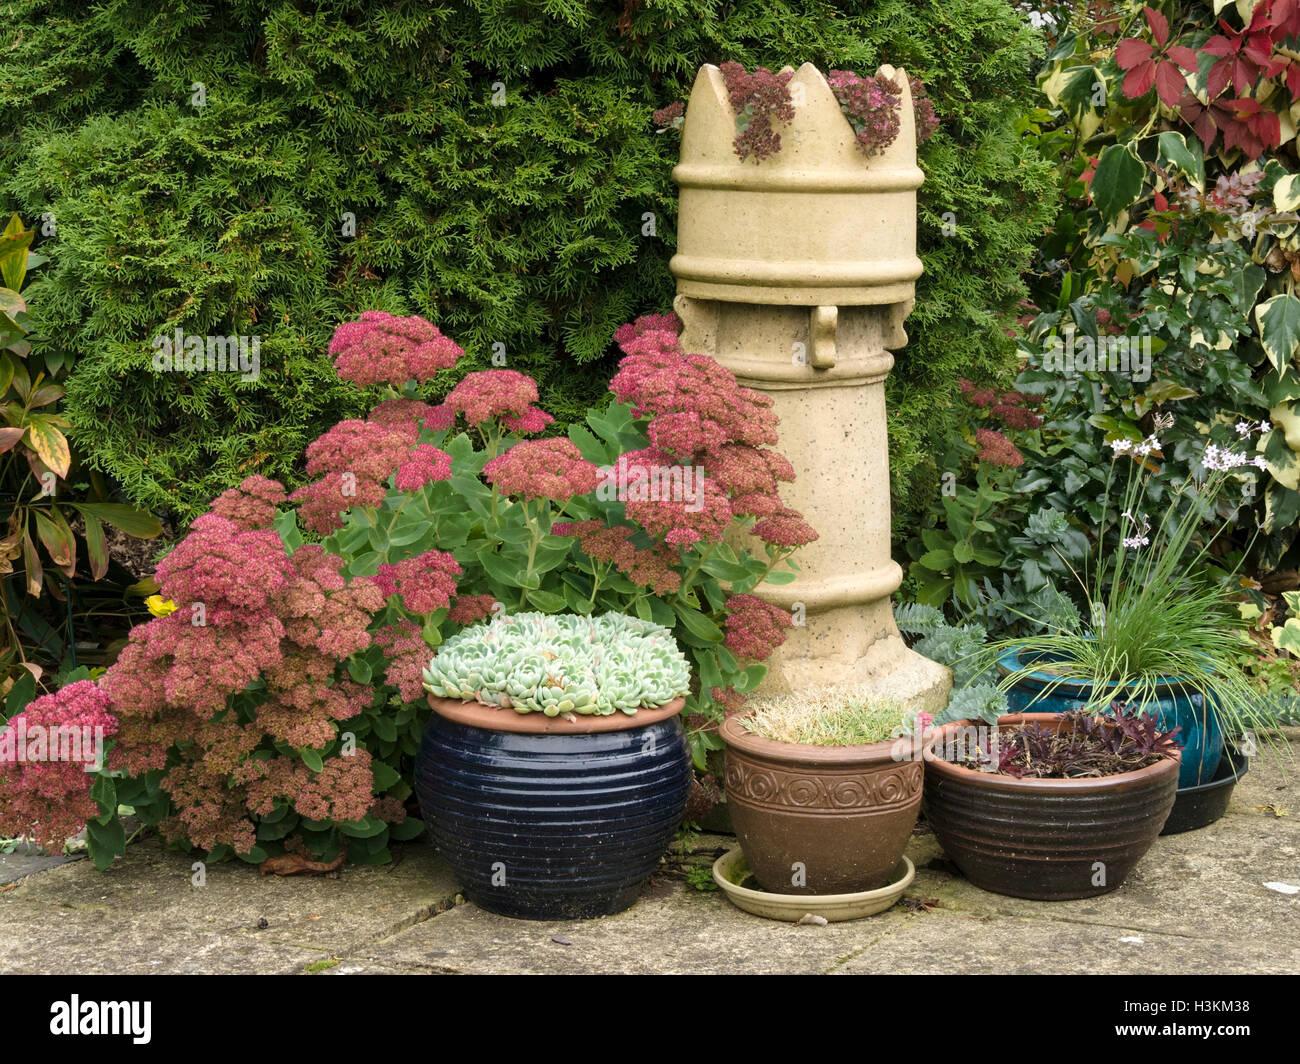 Sedum, Houseleek, Patio Pots And Victorian Chimney Pot Garden Arrangement,  UK